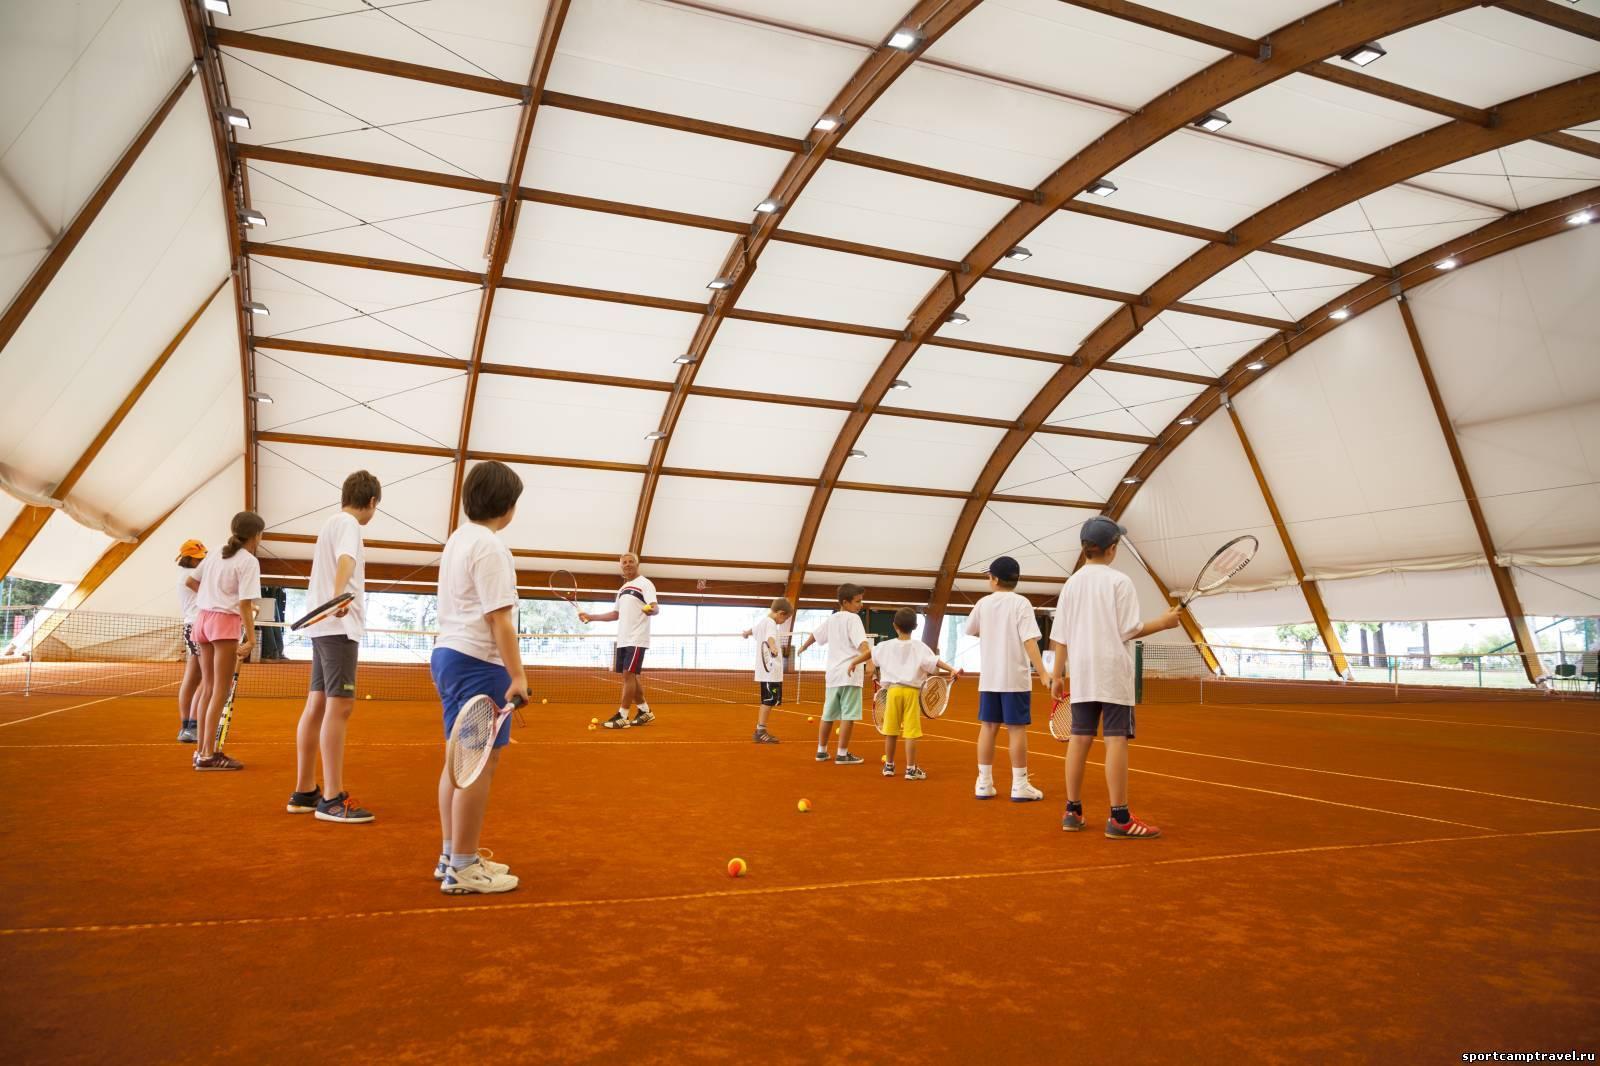 Артем нешев: методики тренировок детей футболистов в испании